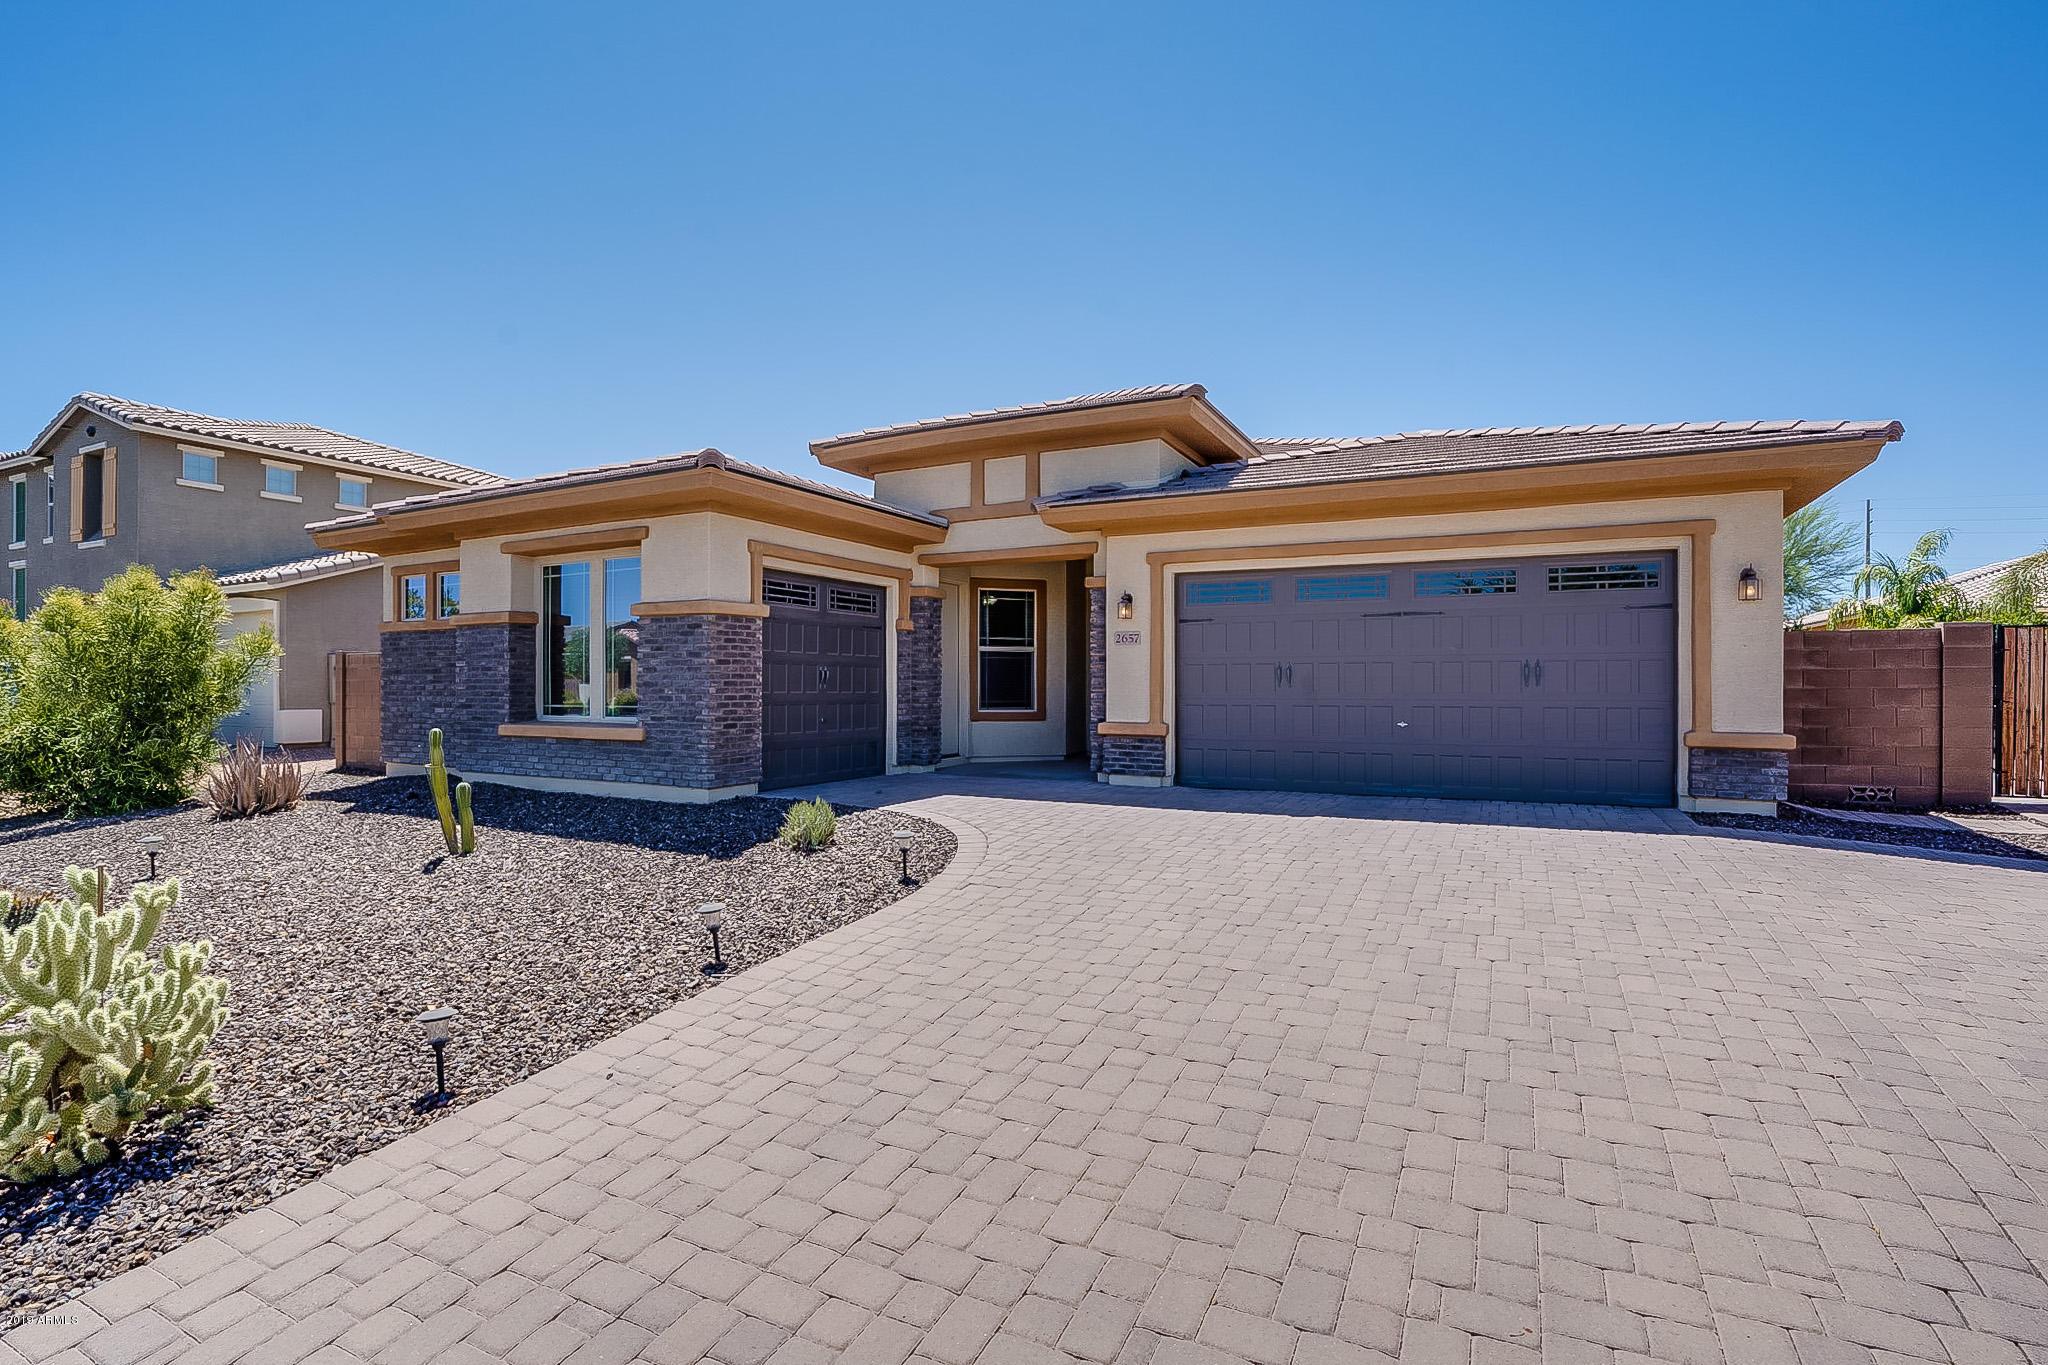 Photo of 2657 E ORION Street, Mesa, AZ 85213